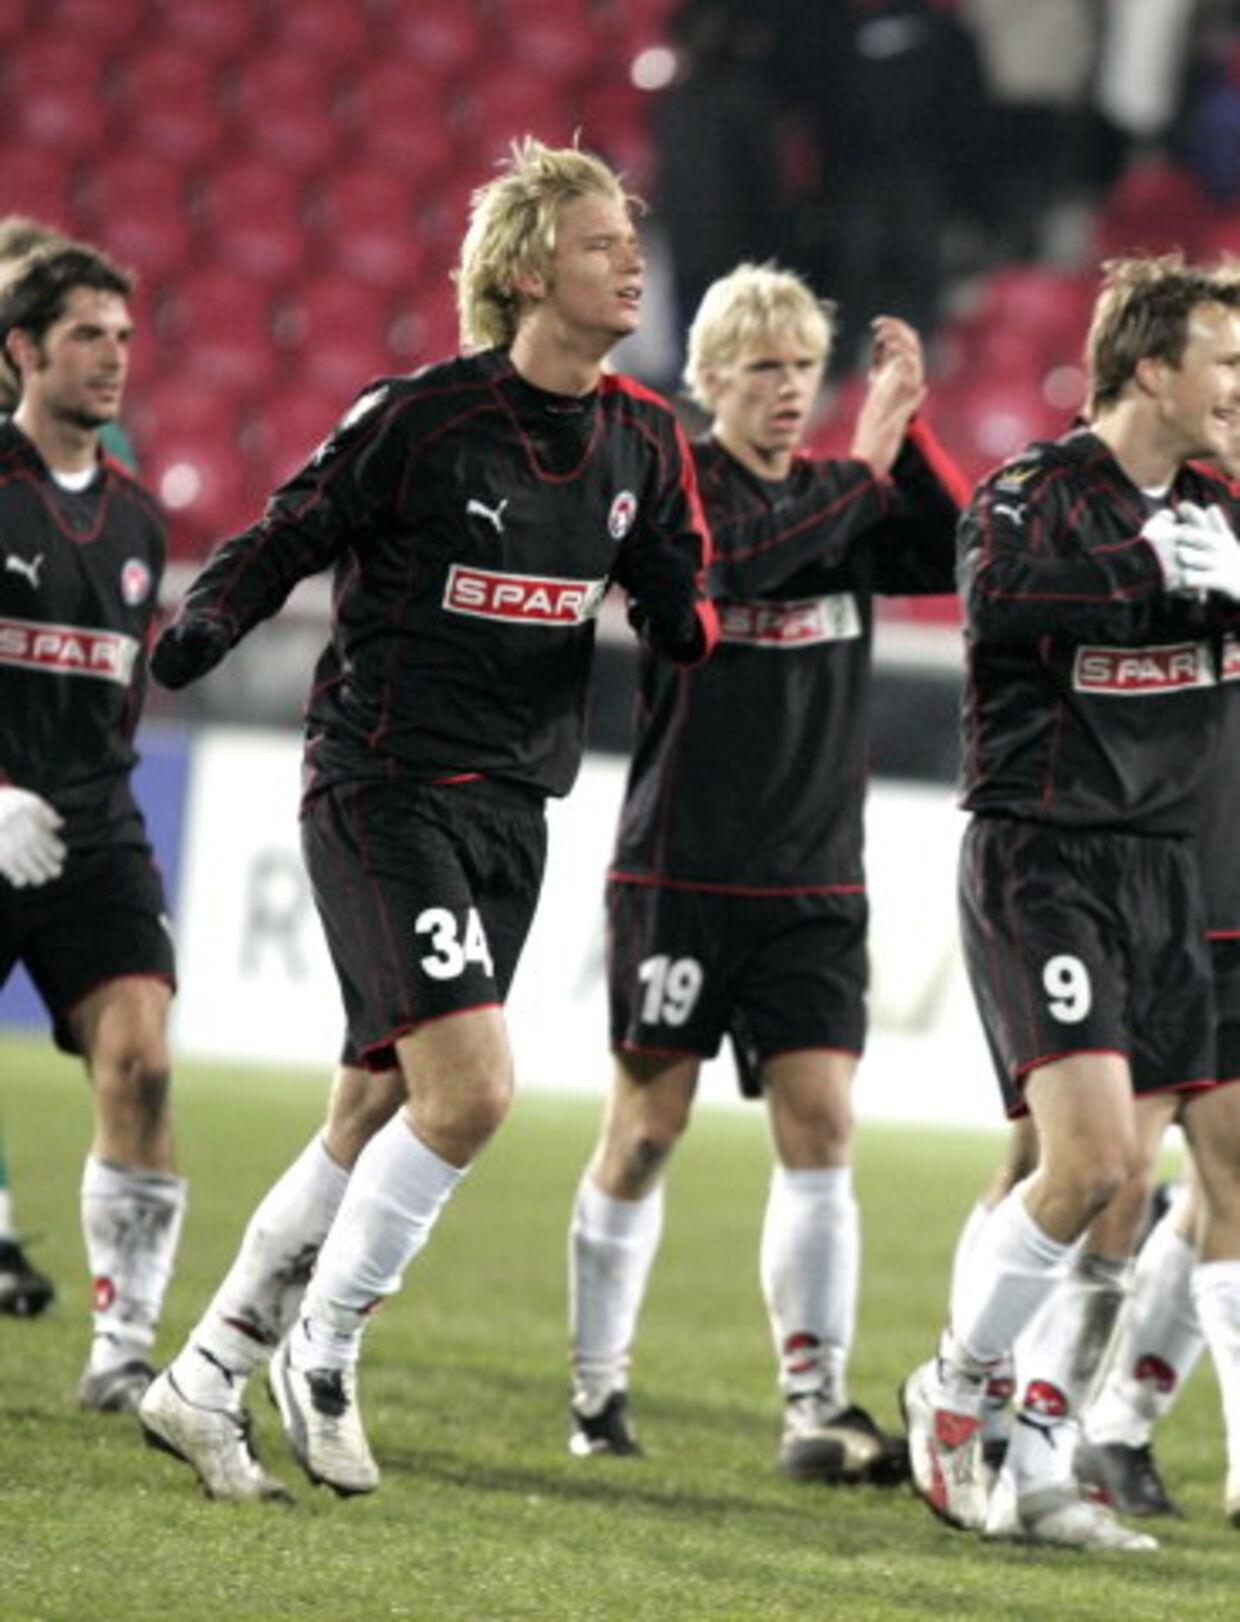 Christian Sivebæk (nummer 34) skal det næste halve år spille for Skive.